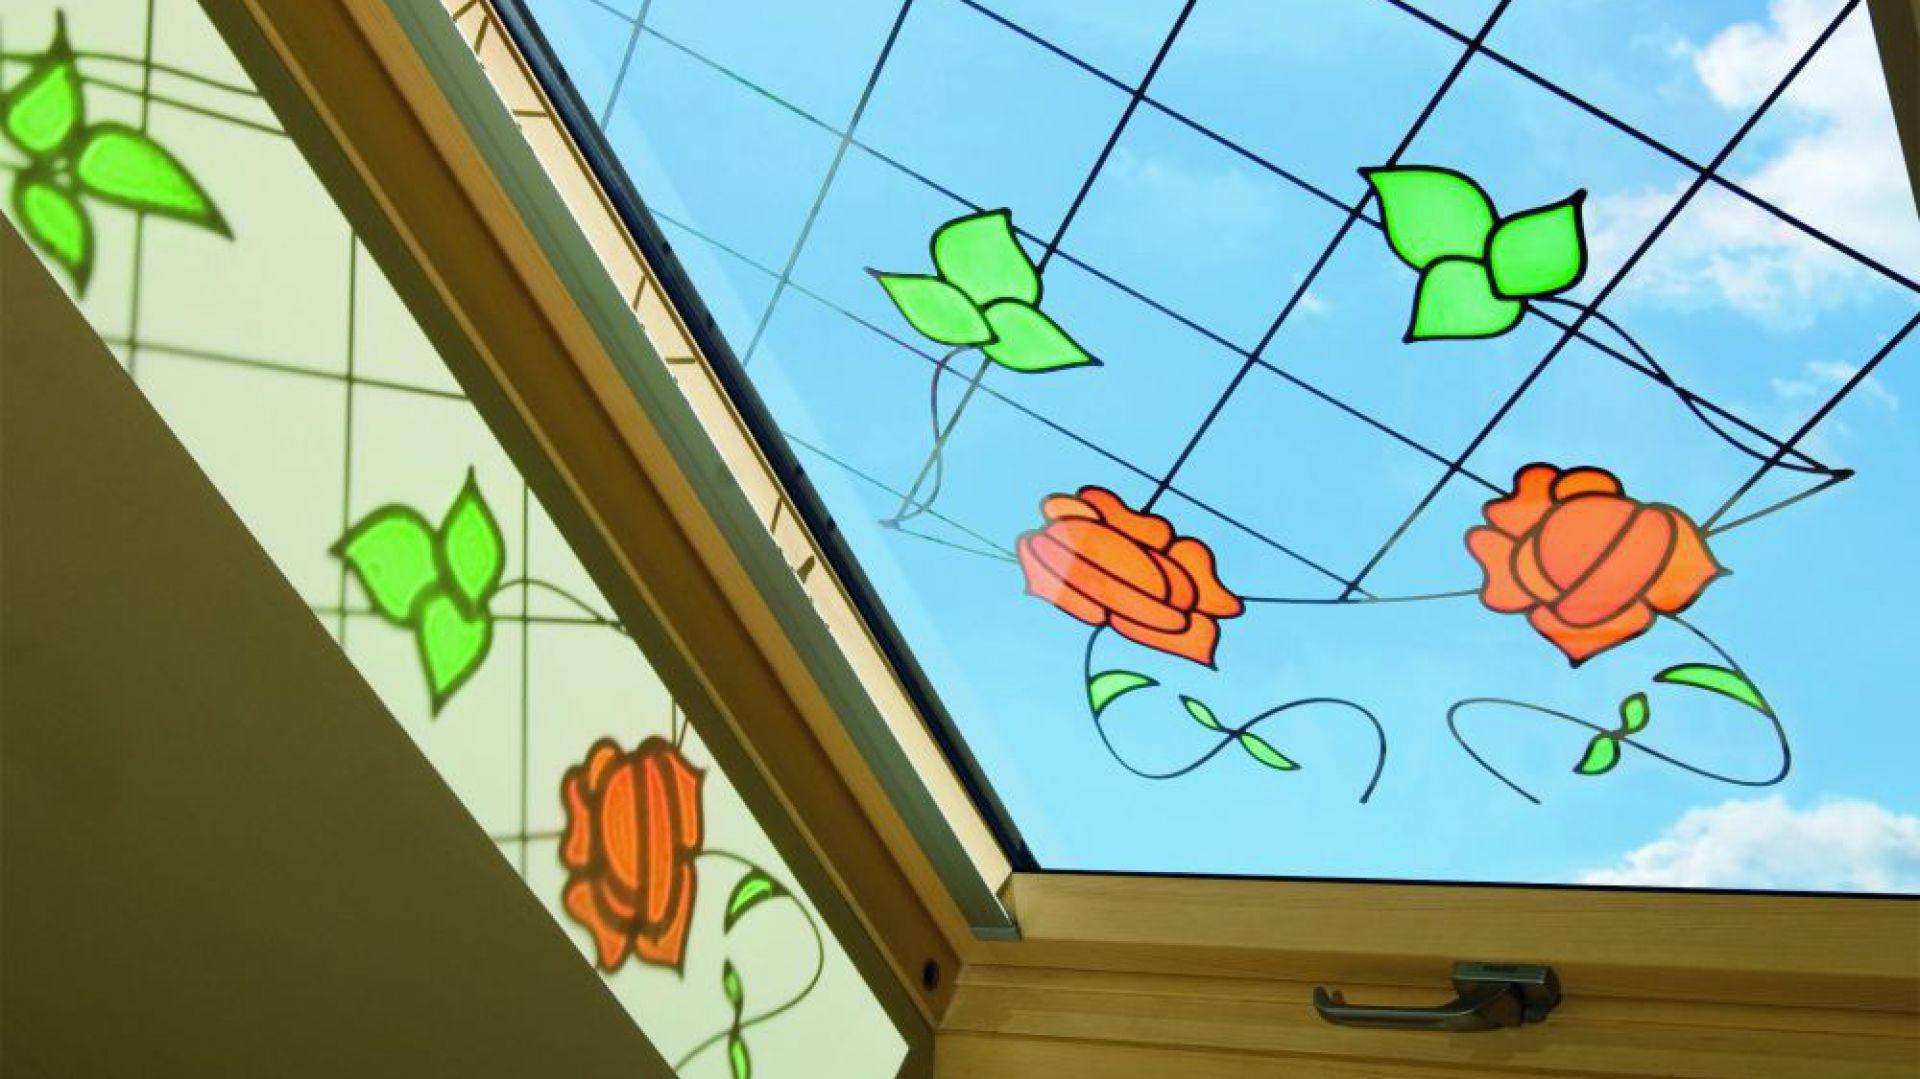 okno dachowe z witrazem Fakro.jpg